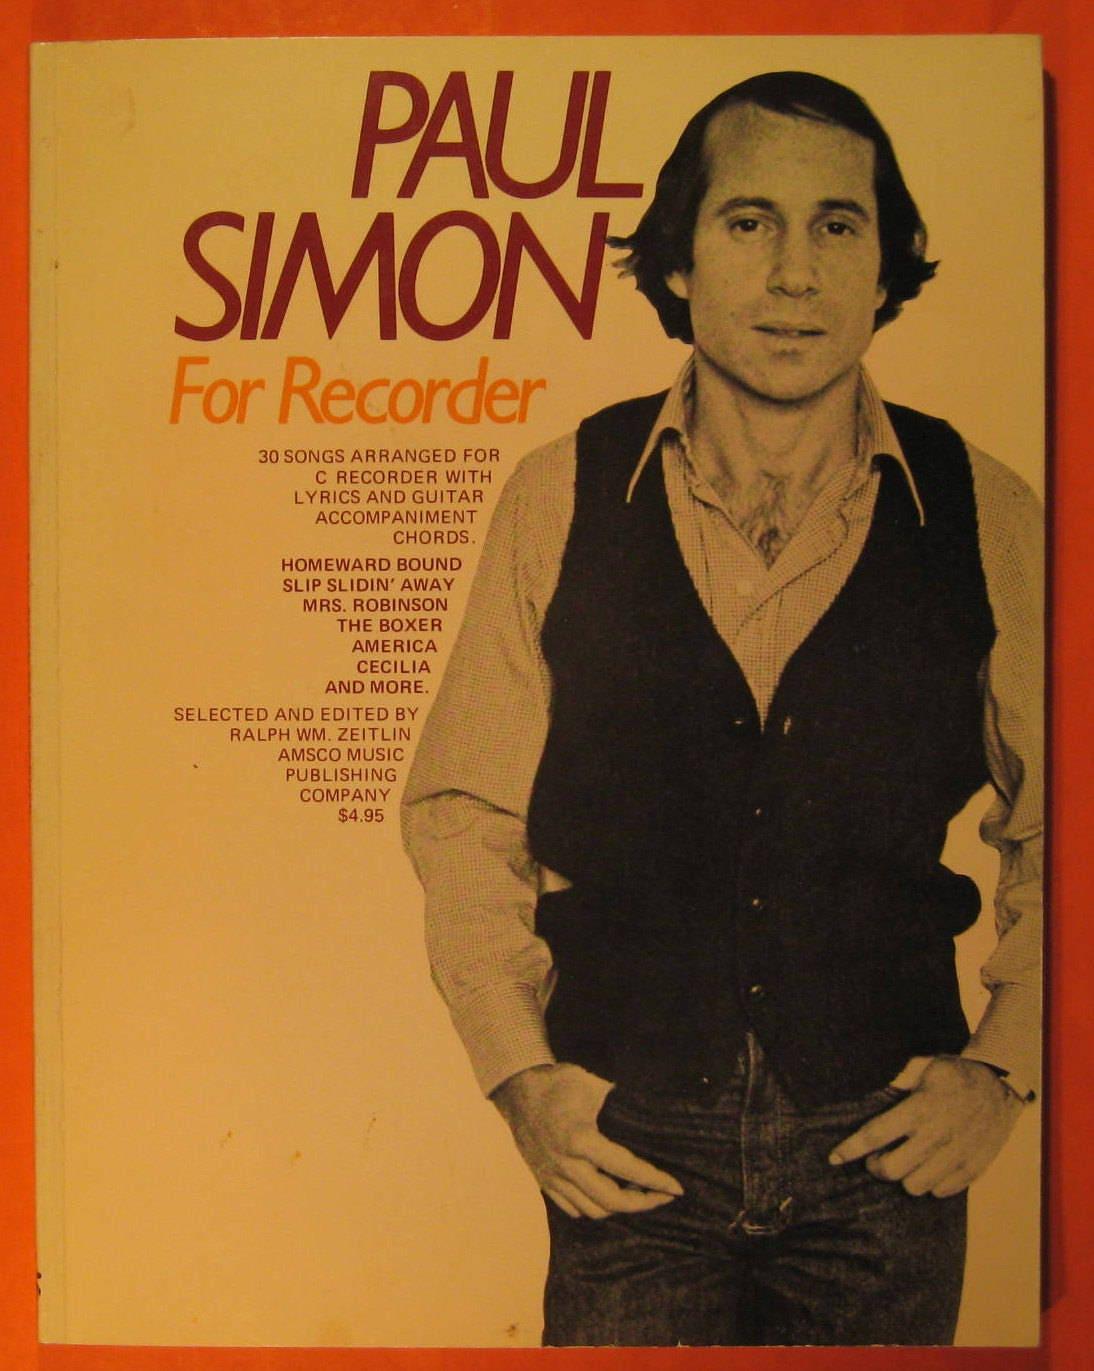 Paul Simon For Recorder Etsy